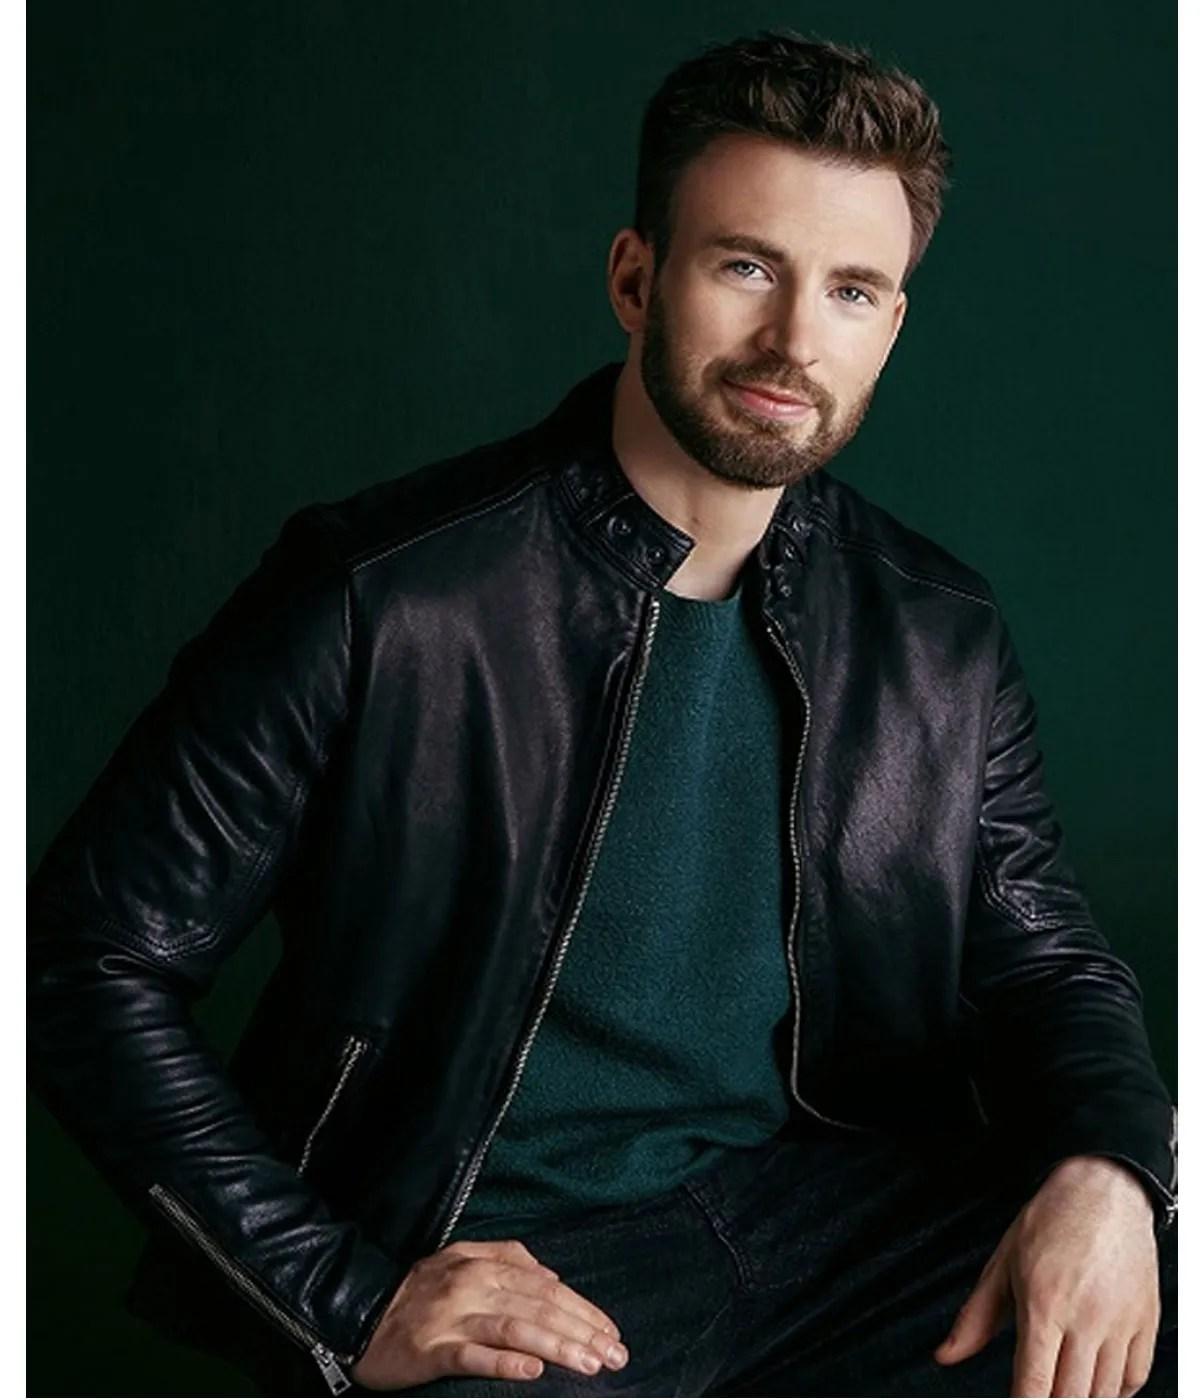 live-smarter-better-world-chris-evans-black-jacket